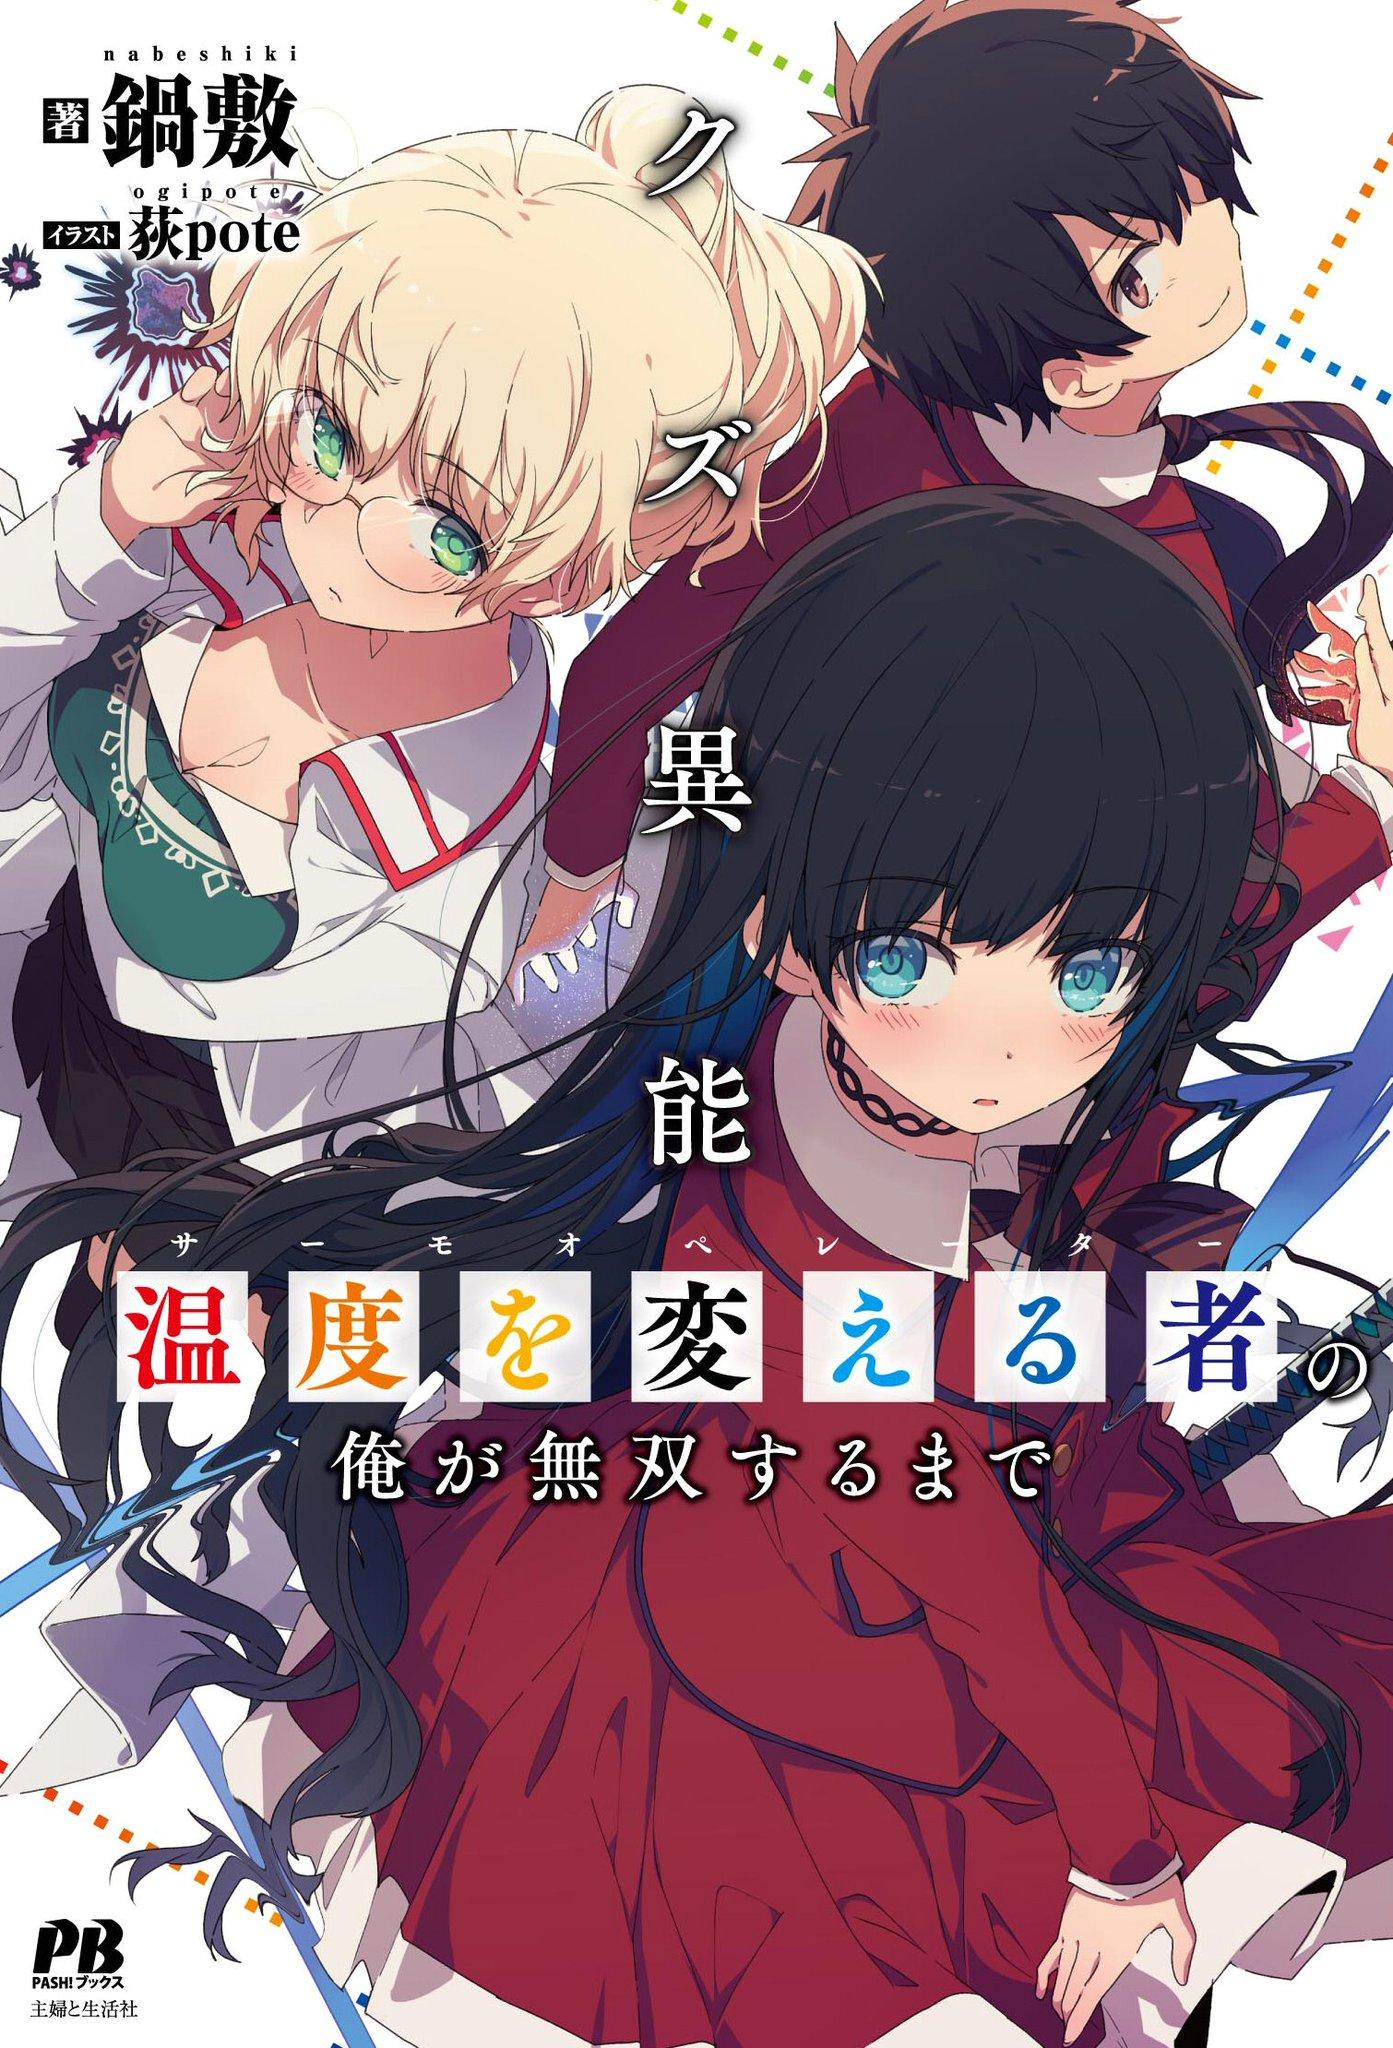 Resultado de imagen para kuzu inou ondo wo kaeru mono no ore ga musou suru made illustrations